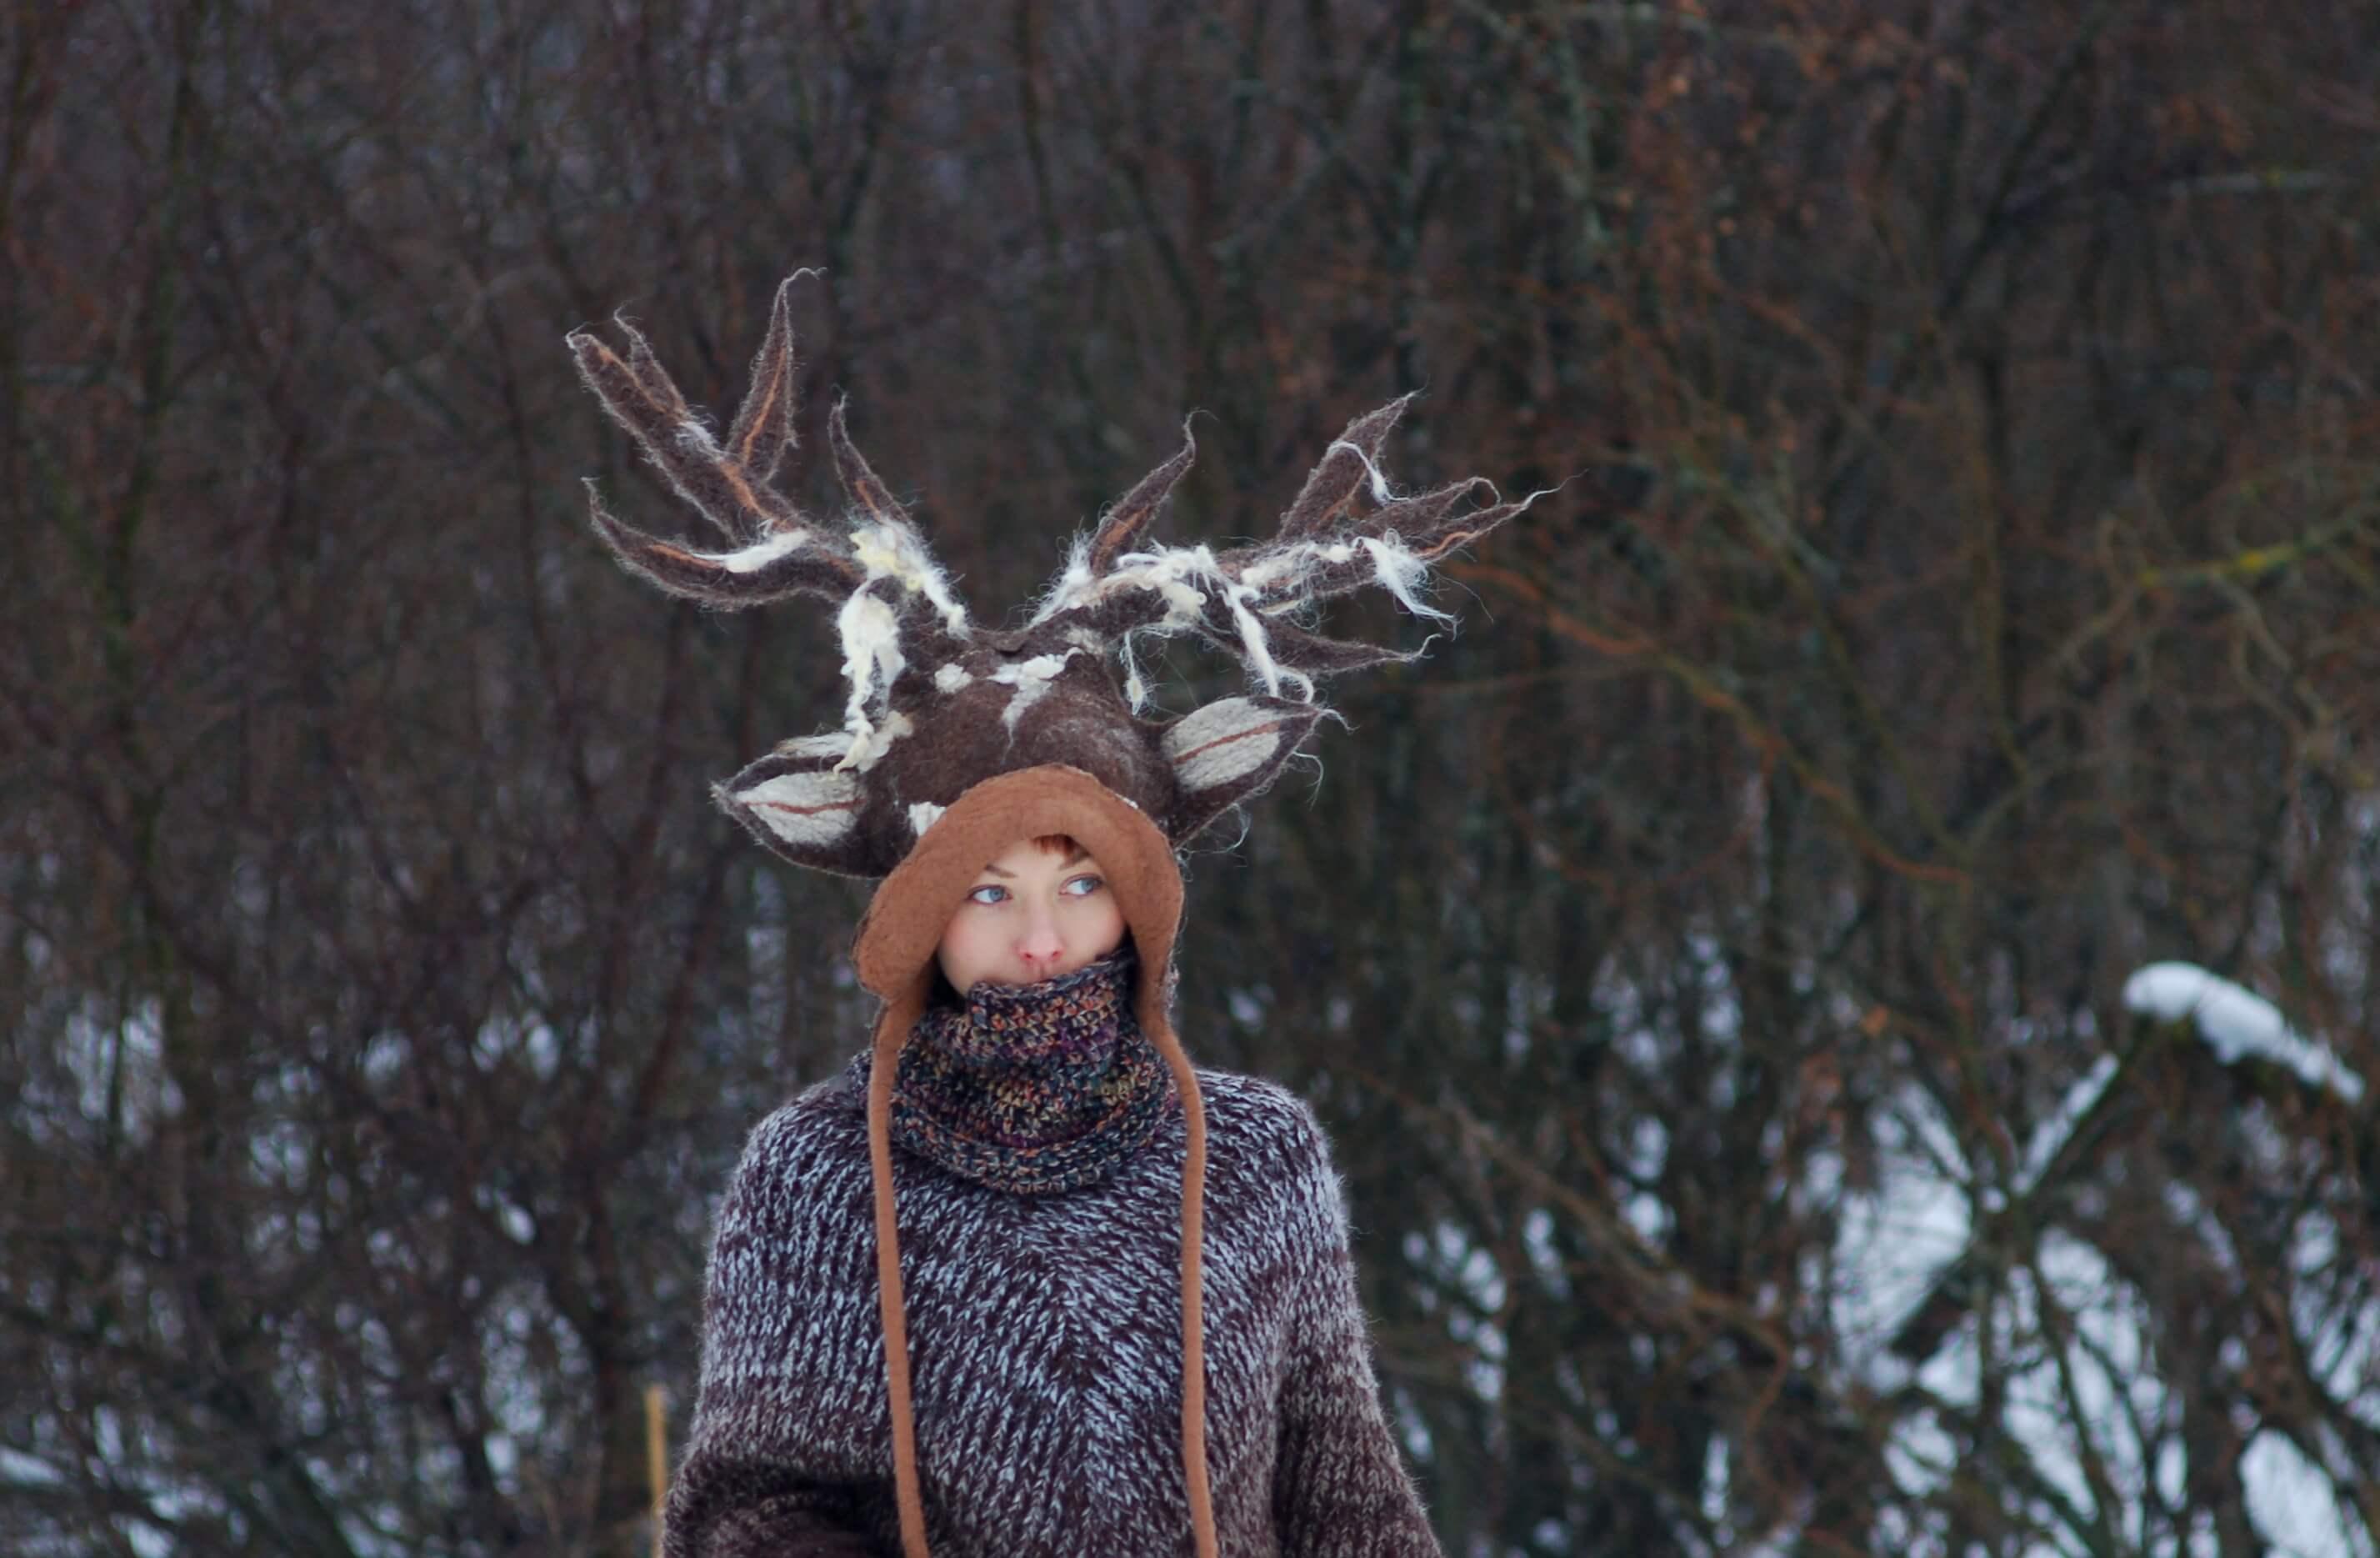 zdjęcie dziewczyny w czapce jelenia z rogami